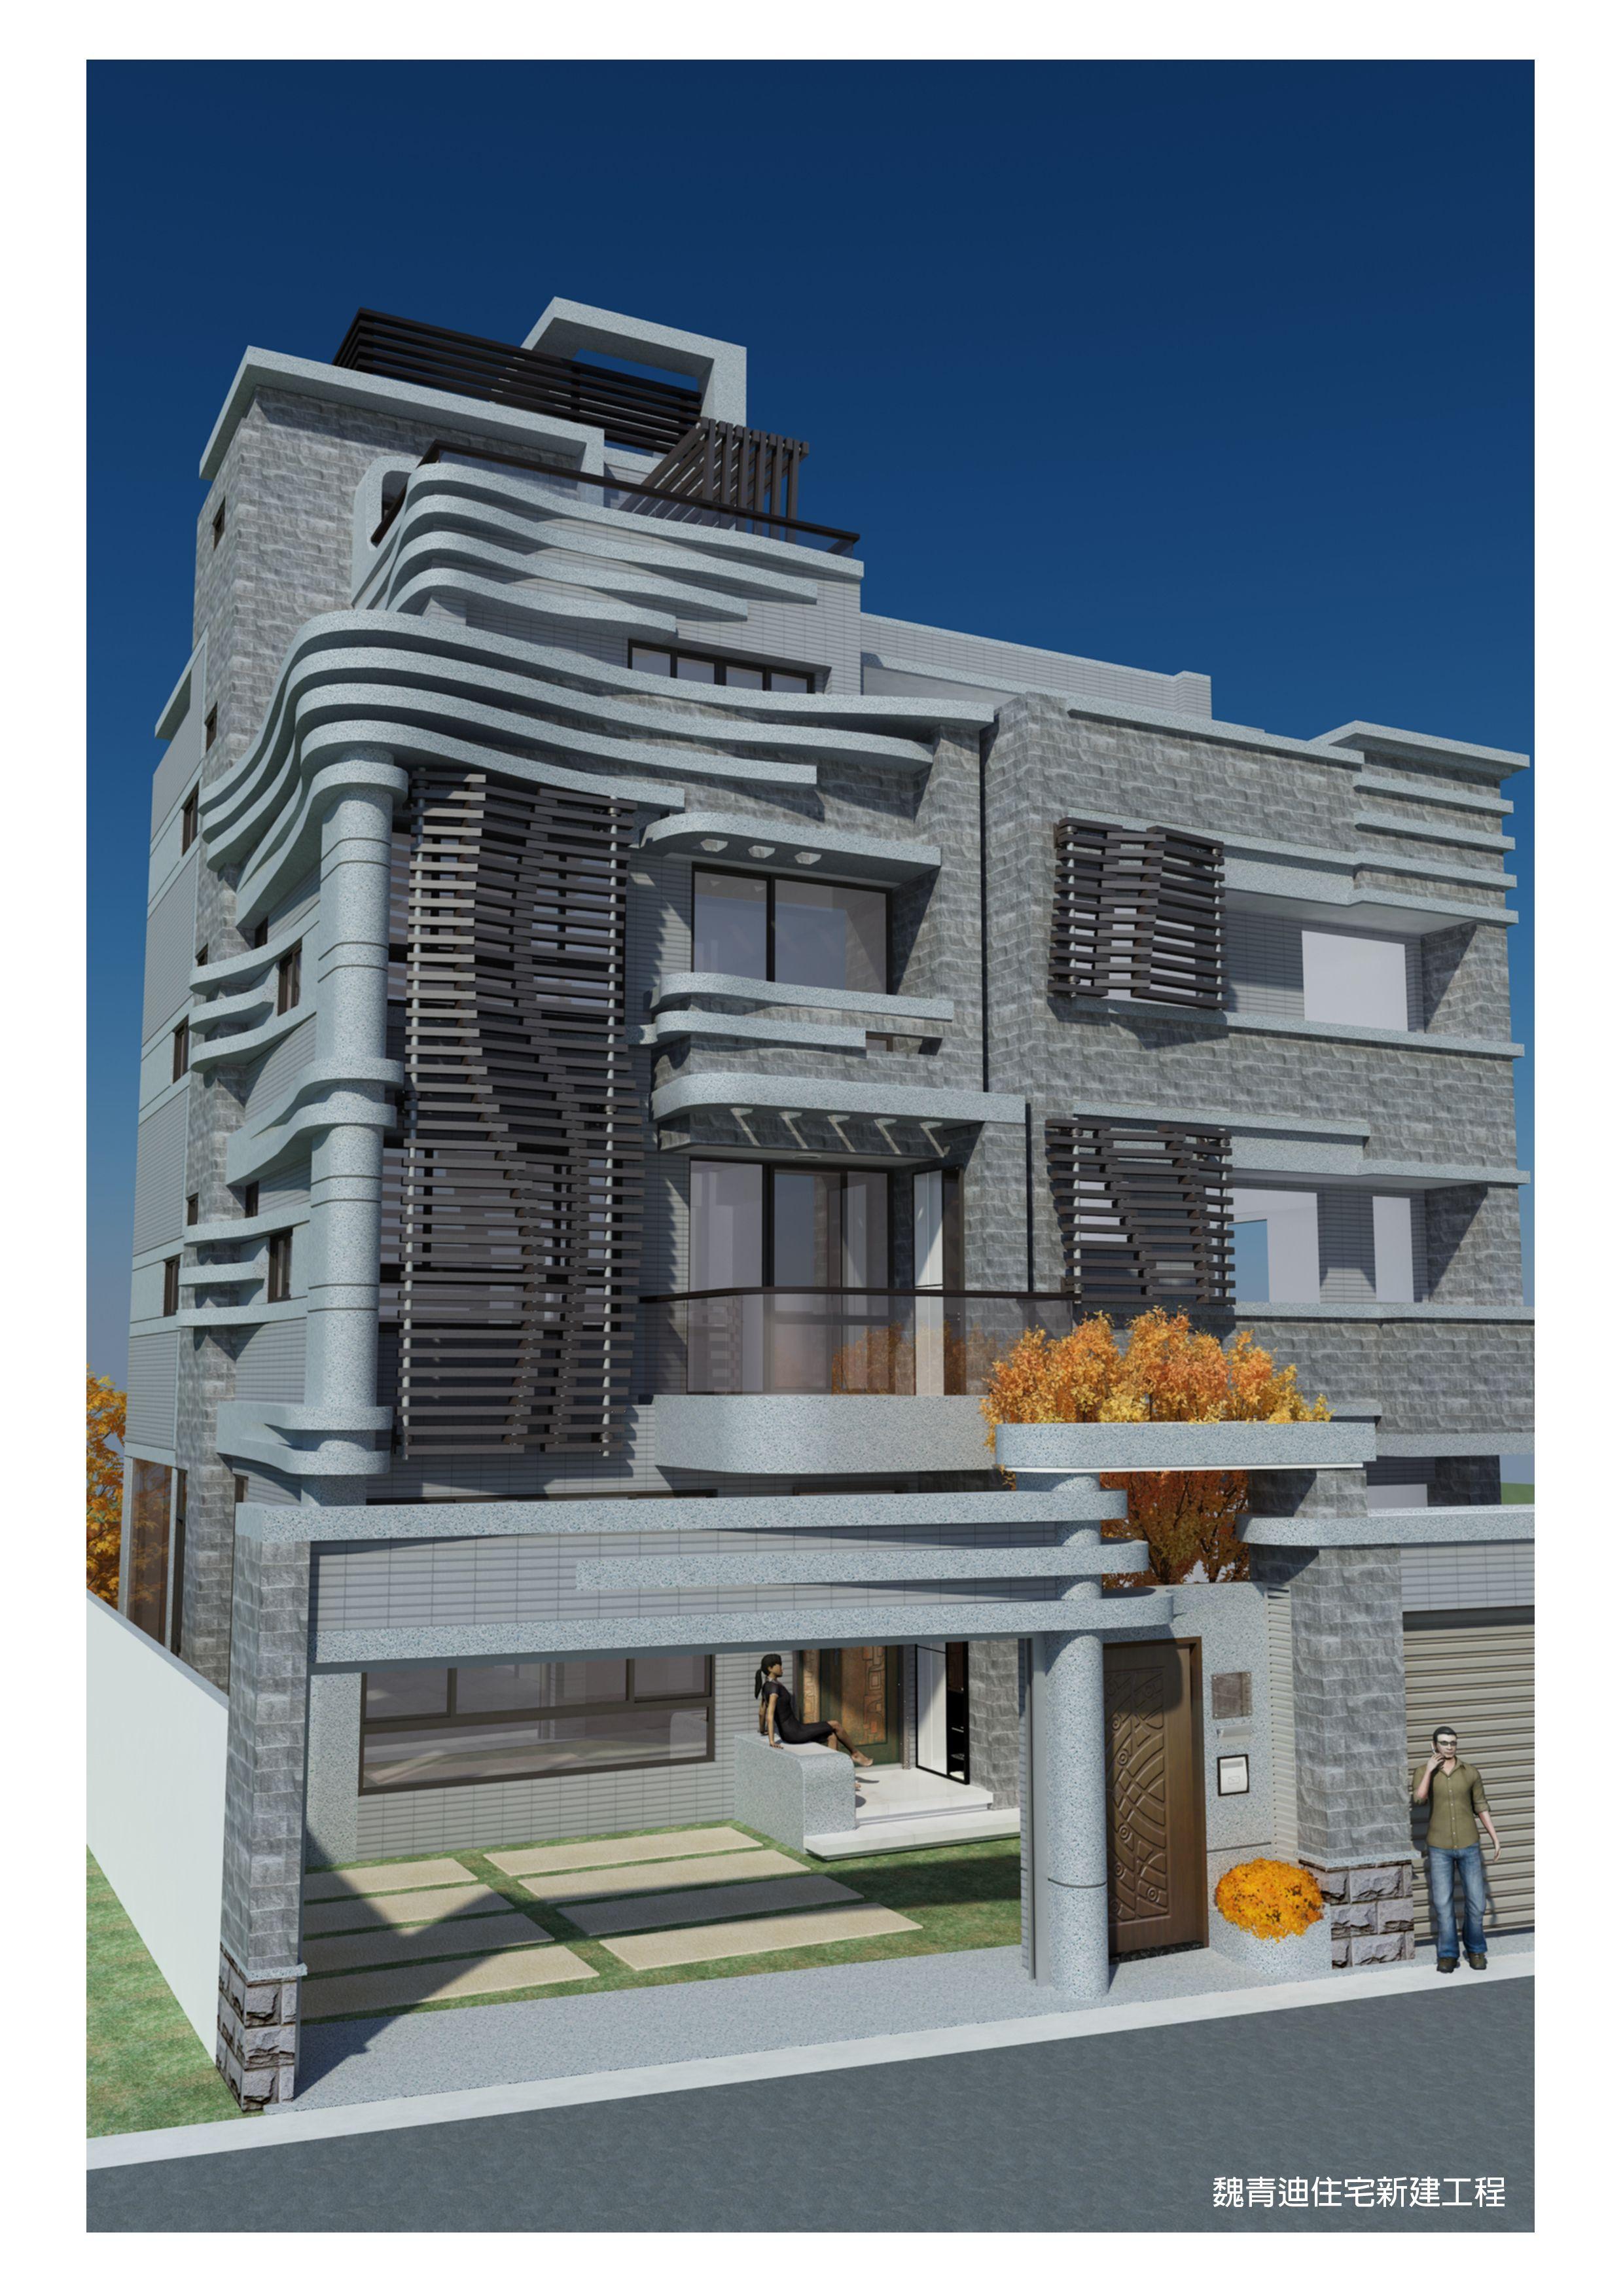 ç'ªäºžå ºè¨ 台中豐原è'²ä æ µ é€å¤©ä½å …è¨è¨ˆ 3D NIGHT Roppa Architecture Design Pinterest